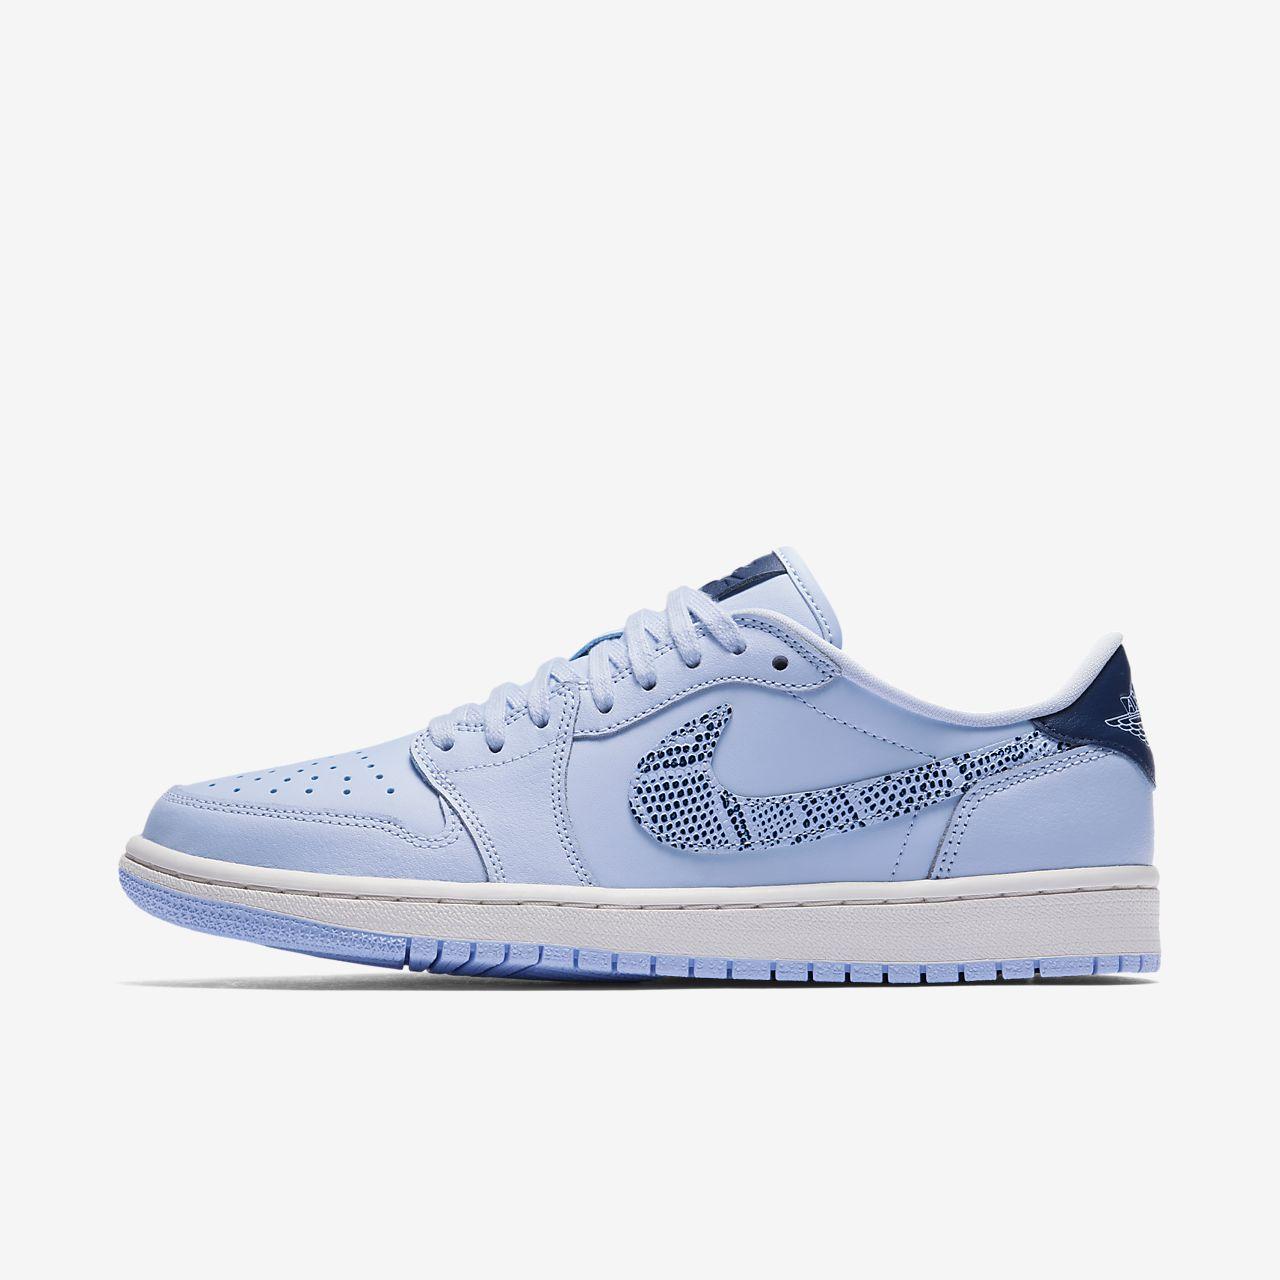 buy online 6c8da 5b107 Air Jordan 1 Retro Low OG damesko. Nike.com NO